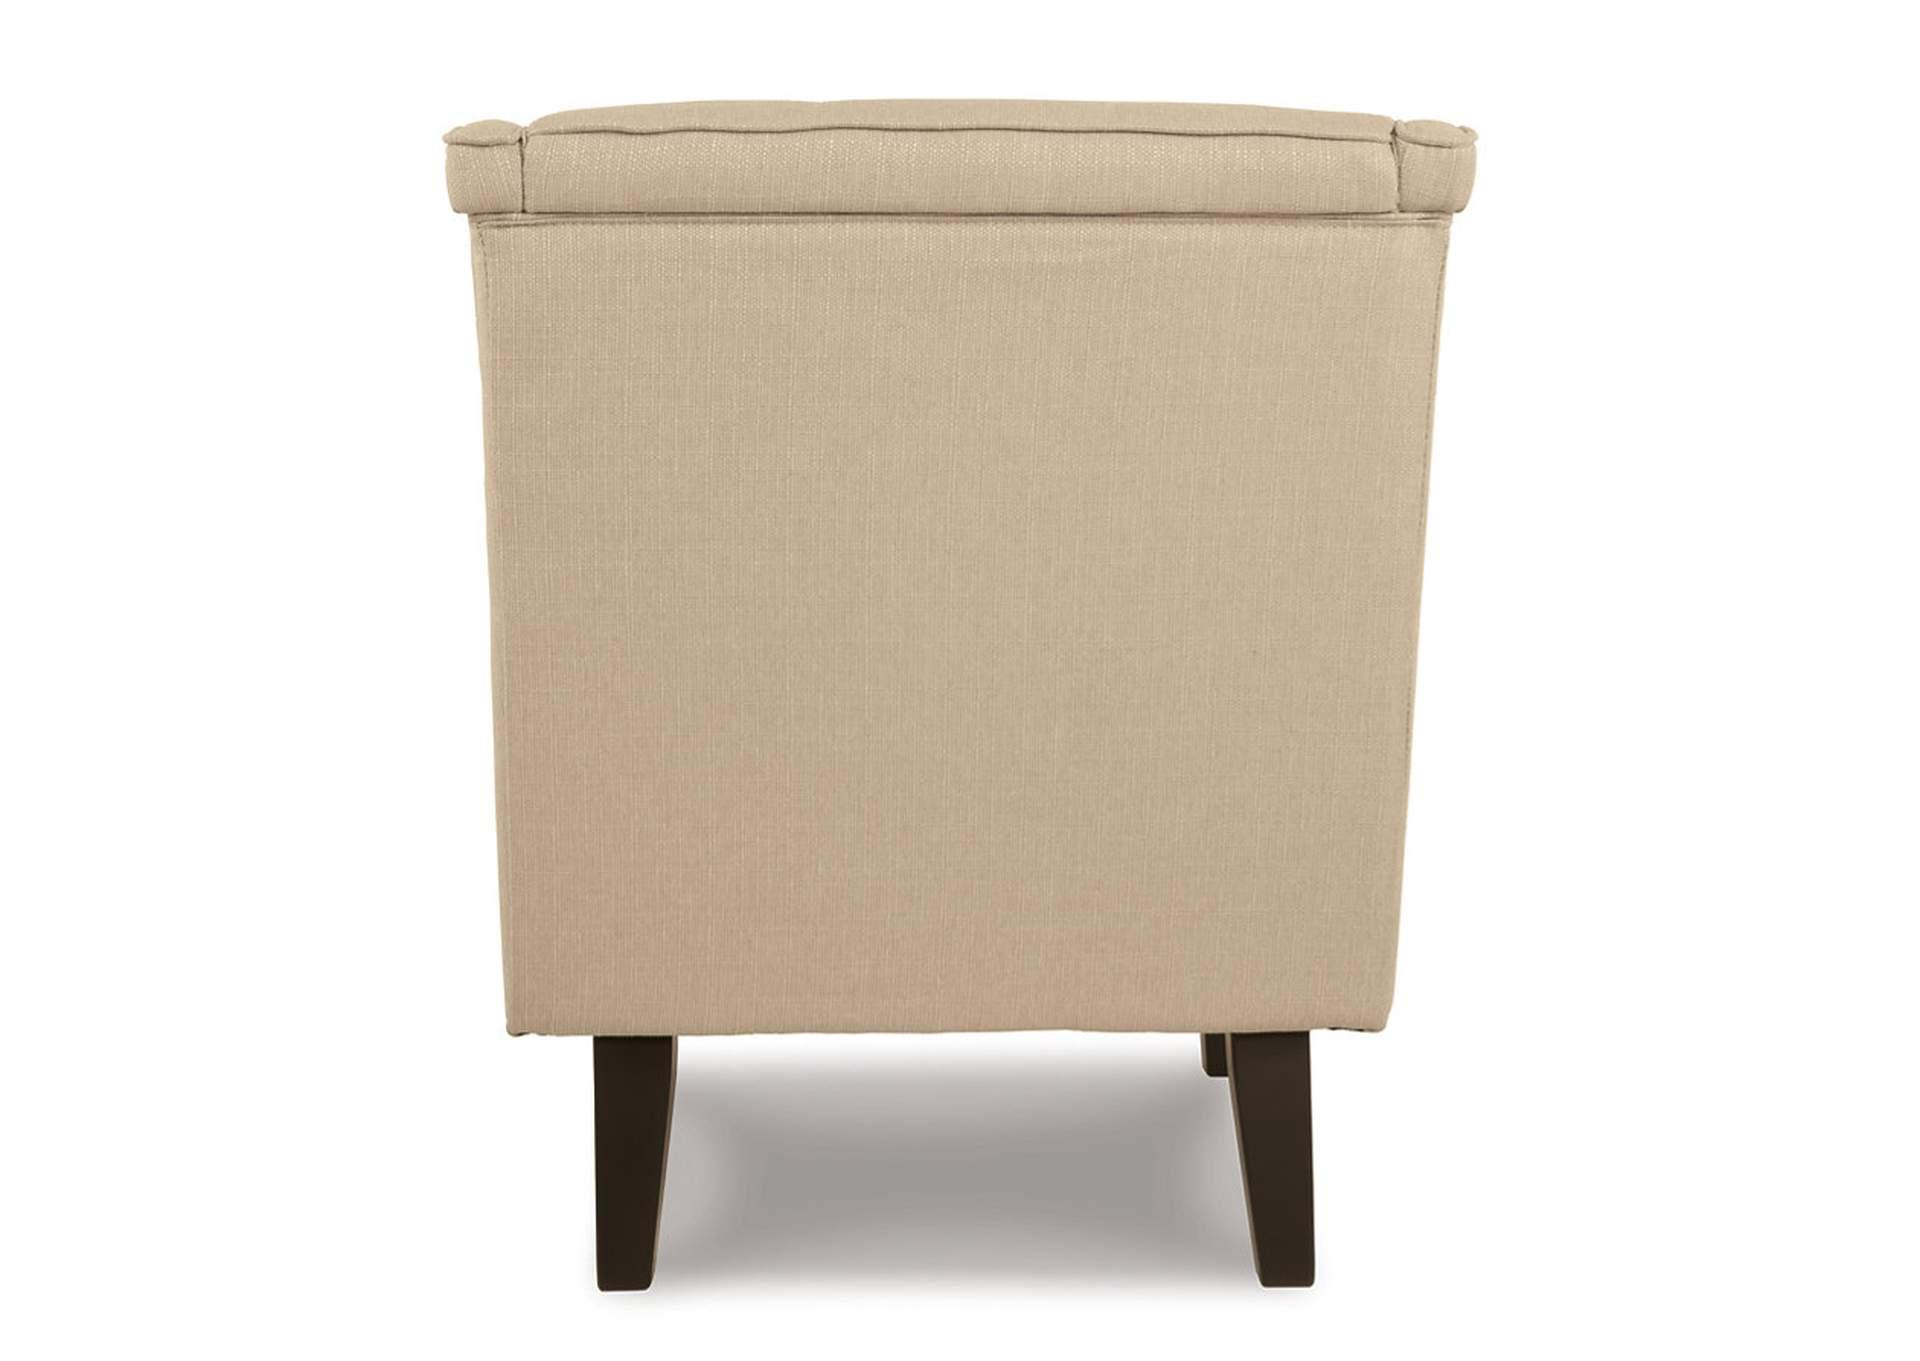 Roses Flooring And Furniture Clarinda Cream Accent Chair